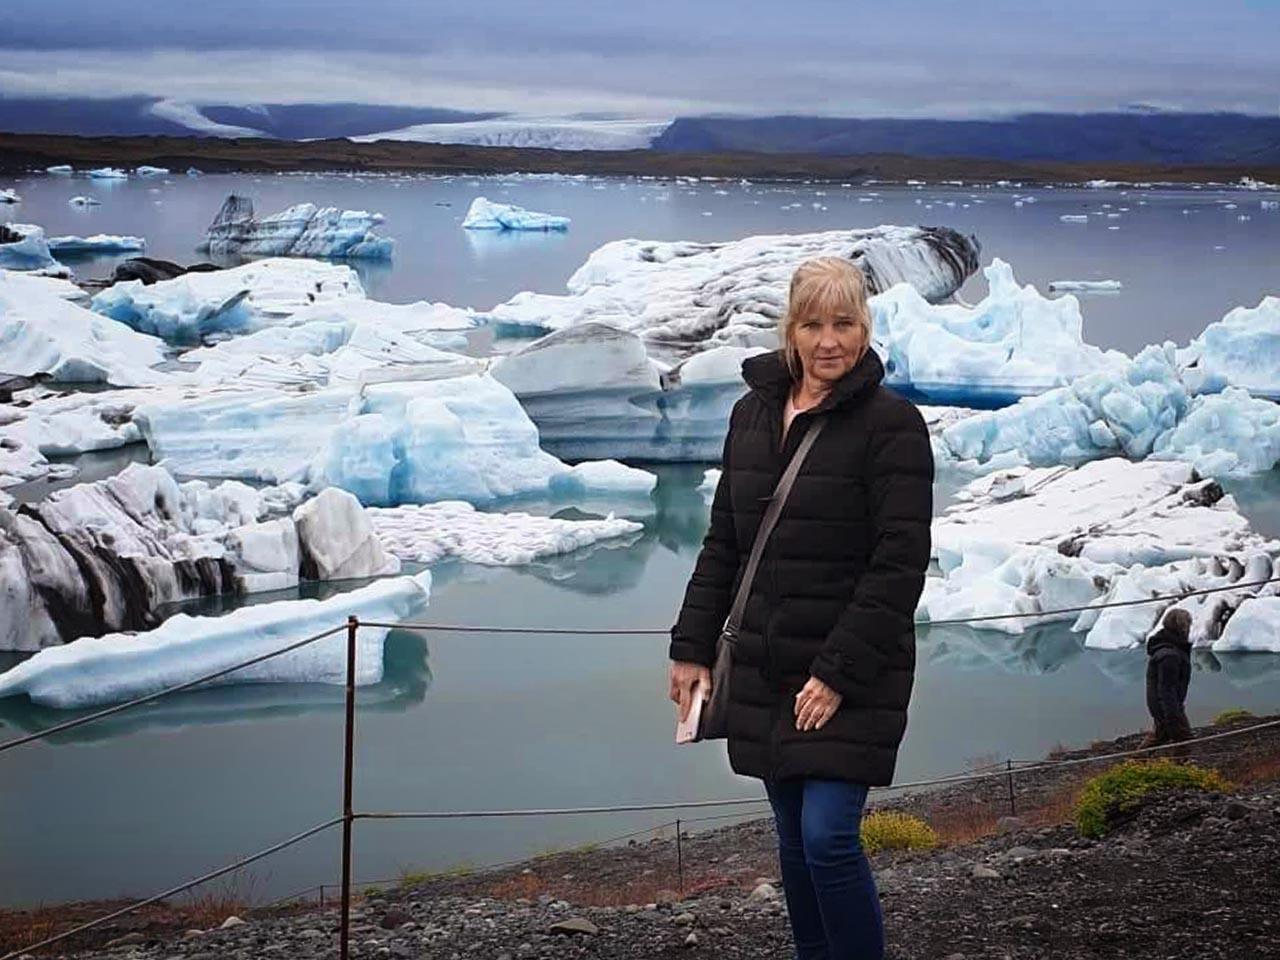 Ásdís Helgadóttir